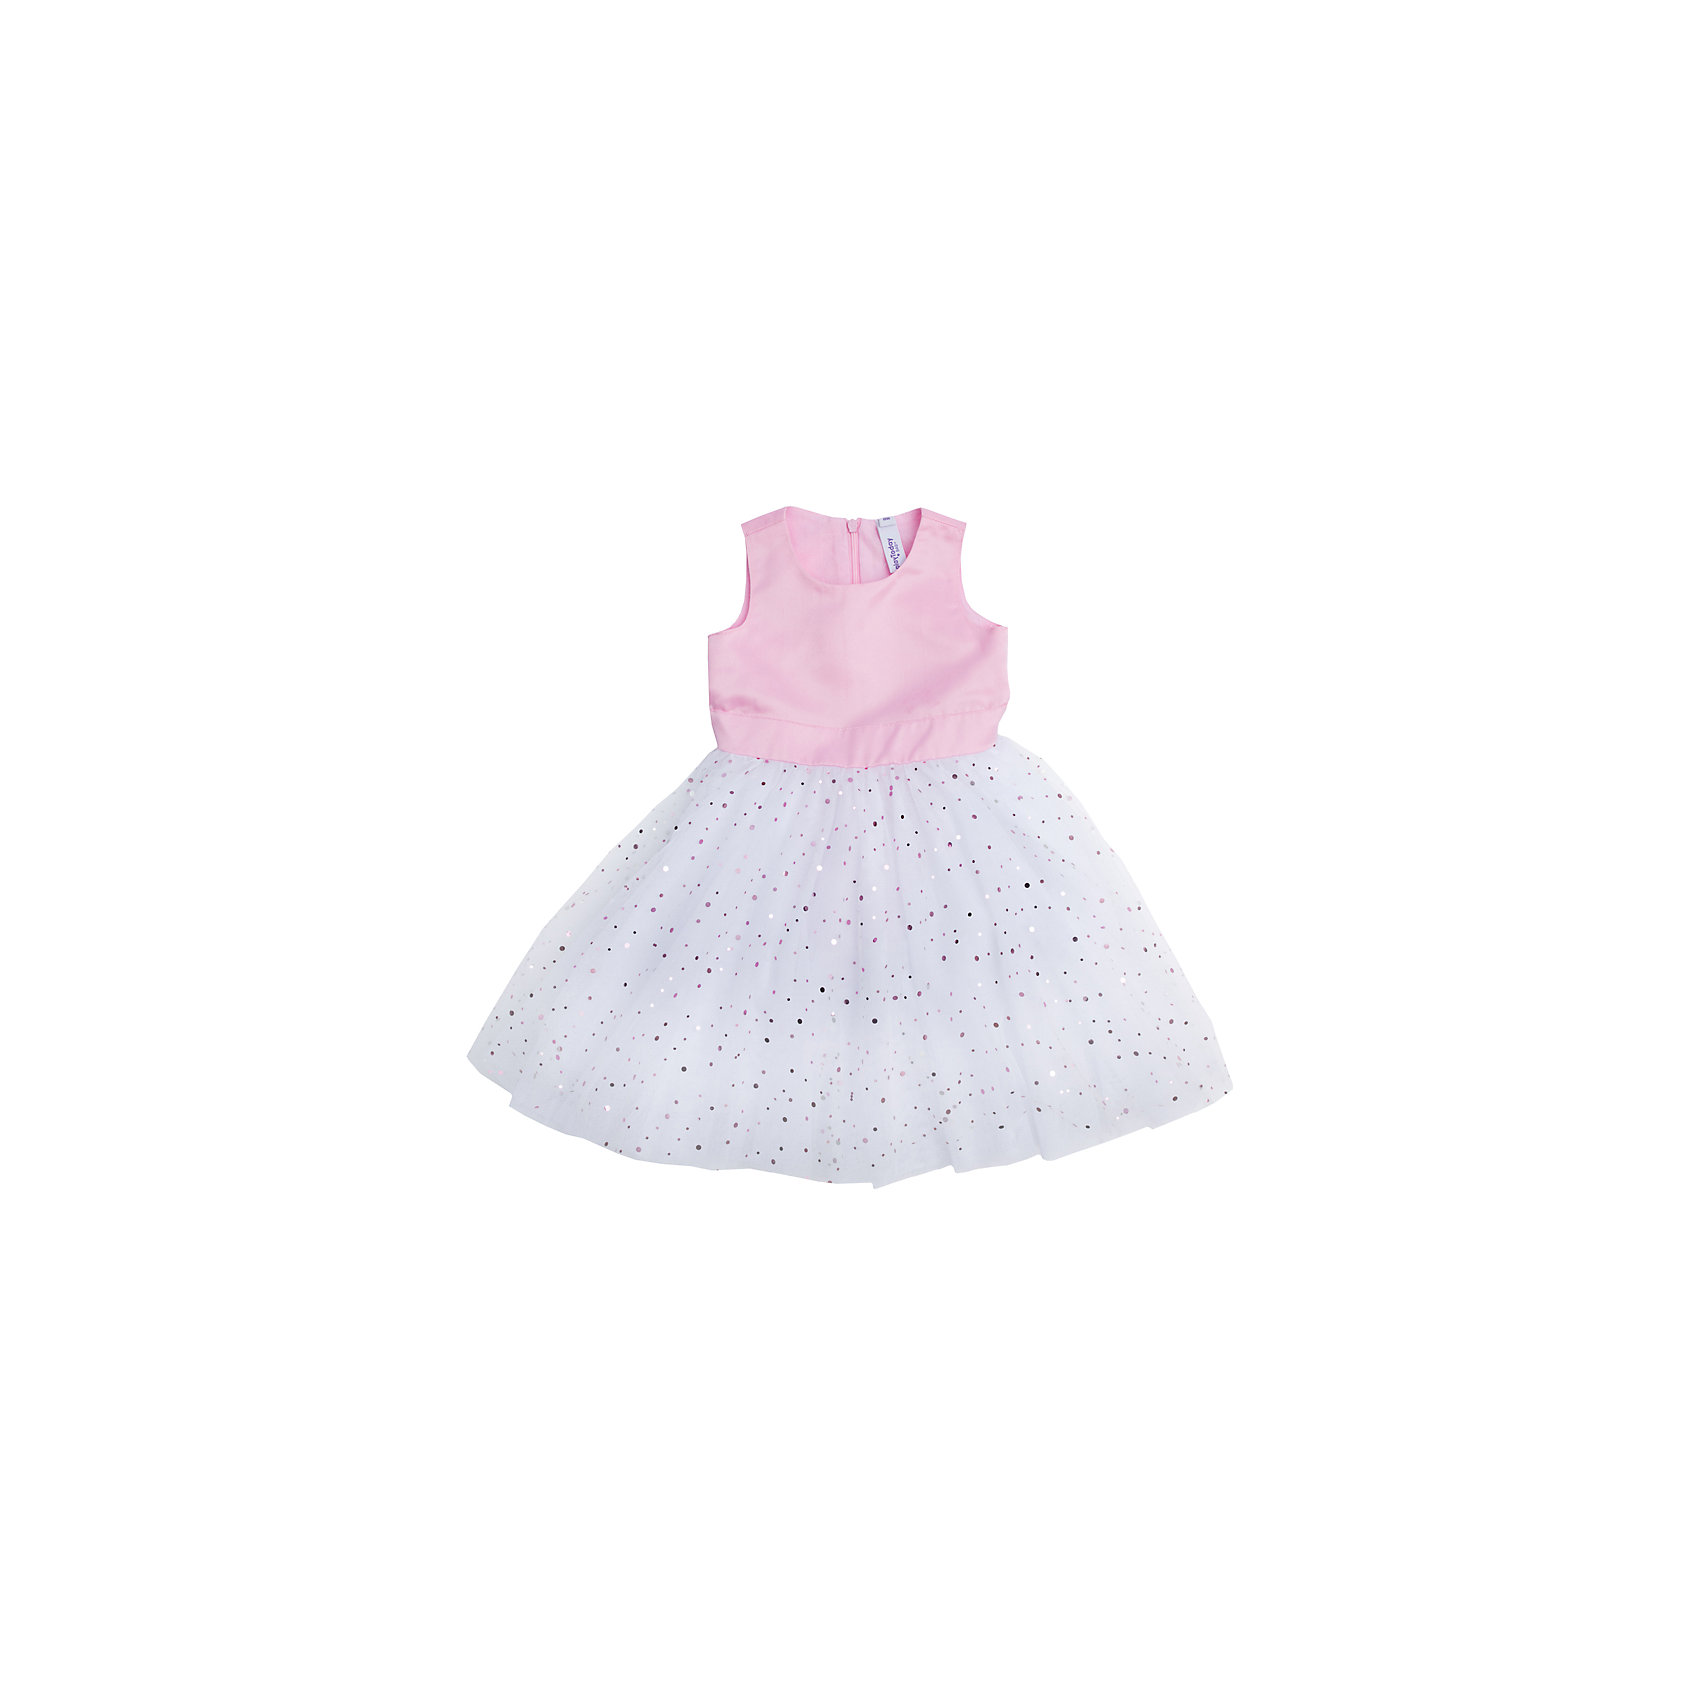 Нарядное платье для девочки PlayTodayОдежда<br>Платье для девочки от известного бренда PlayToday.<br>Пышное платье без рукавов.<br><br>Верх выполнен из сатина с легким матовым блеском. Пышная юбка – из легкого сетчатого материала. Хлопковая подкладка обеспечивает дополнительное удобство.<br><br>Юбка украшена россыпью сверкающих пайеток разных размеров.  Модель дополнена широким поясом, чтобы завязать бант. Застегивается на потайную молнию на спине.<br>Состав:<br>Верх: 100% полиэстер, Подкладка: 100% хлопок<br><br>Ширина мм: 236<br>Глубина мм: 16<br>Высота мм: 184<br>Вес г: 177<br>Цвет: белый<br>Возраст от месяцев: 24<br>Возраст до месяцев: 36<br>Пол: Женский<br>Возраст: Детский<br>Размер: 98,104,110,116<br>SKU: 5114009